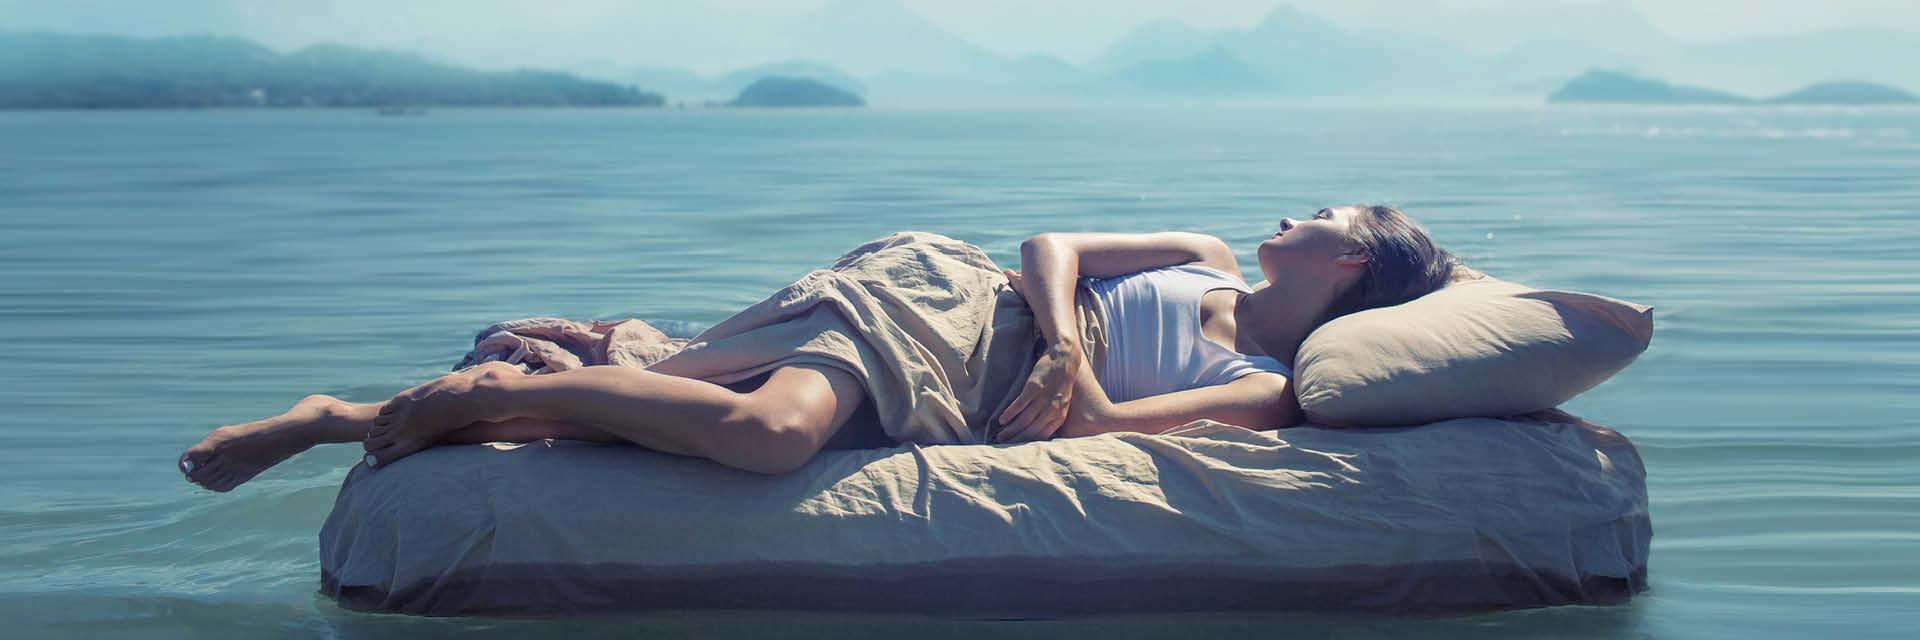 Die Geschichte vom schmerzfreien Liegen und dem glücklichen Schlaf!